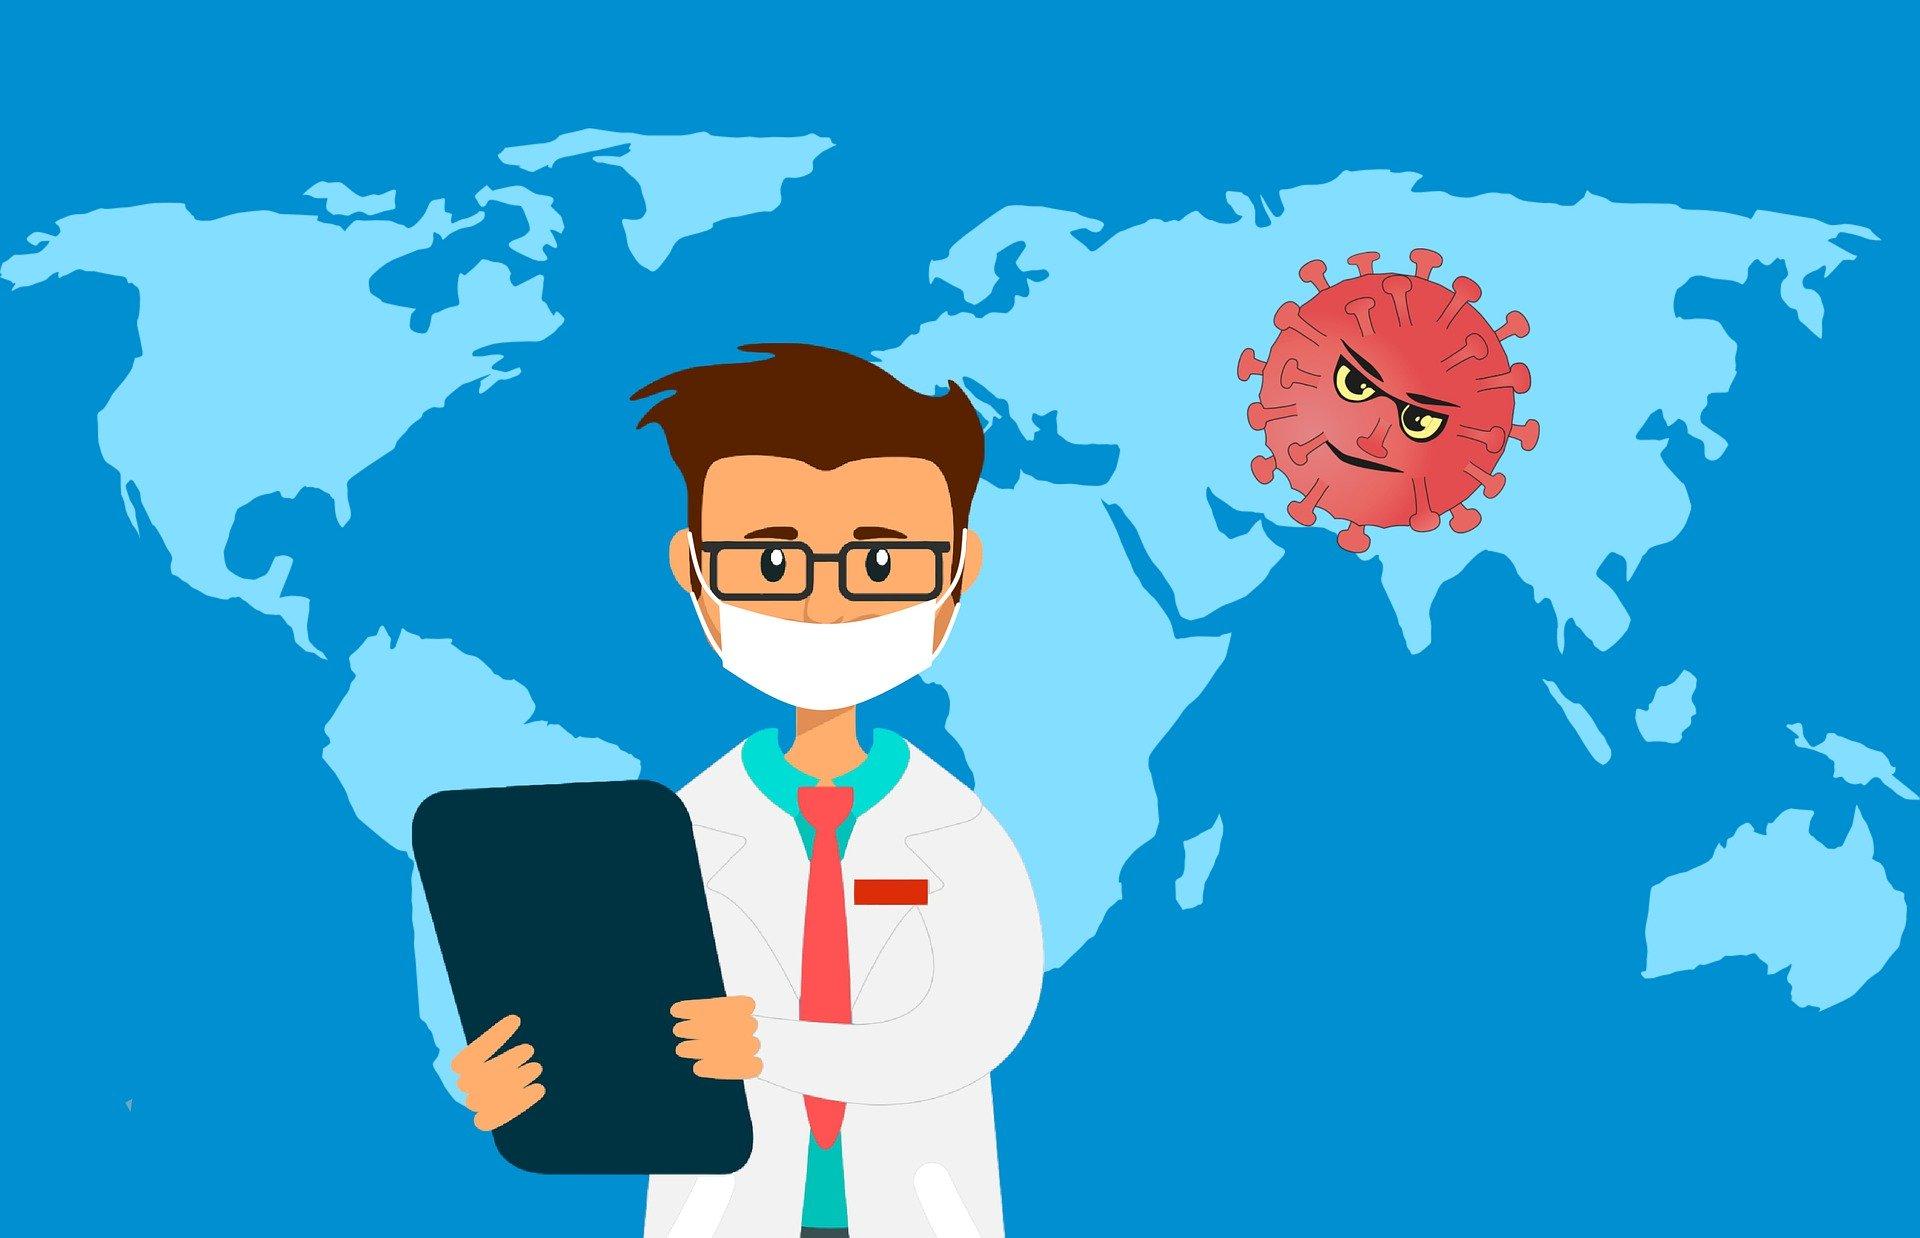 新型コロナウイルス-リモートワーク、経済への影響-